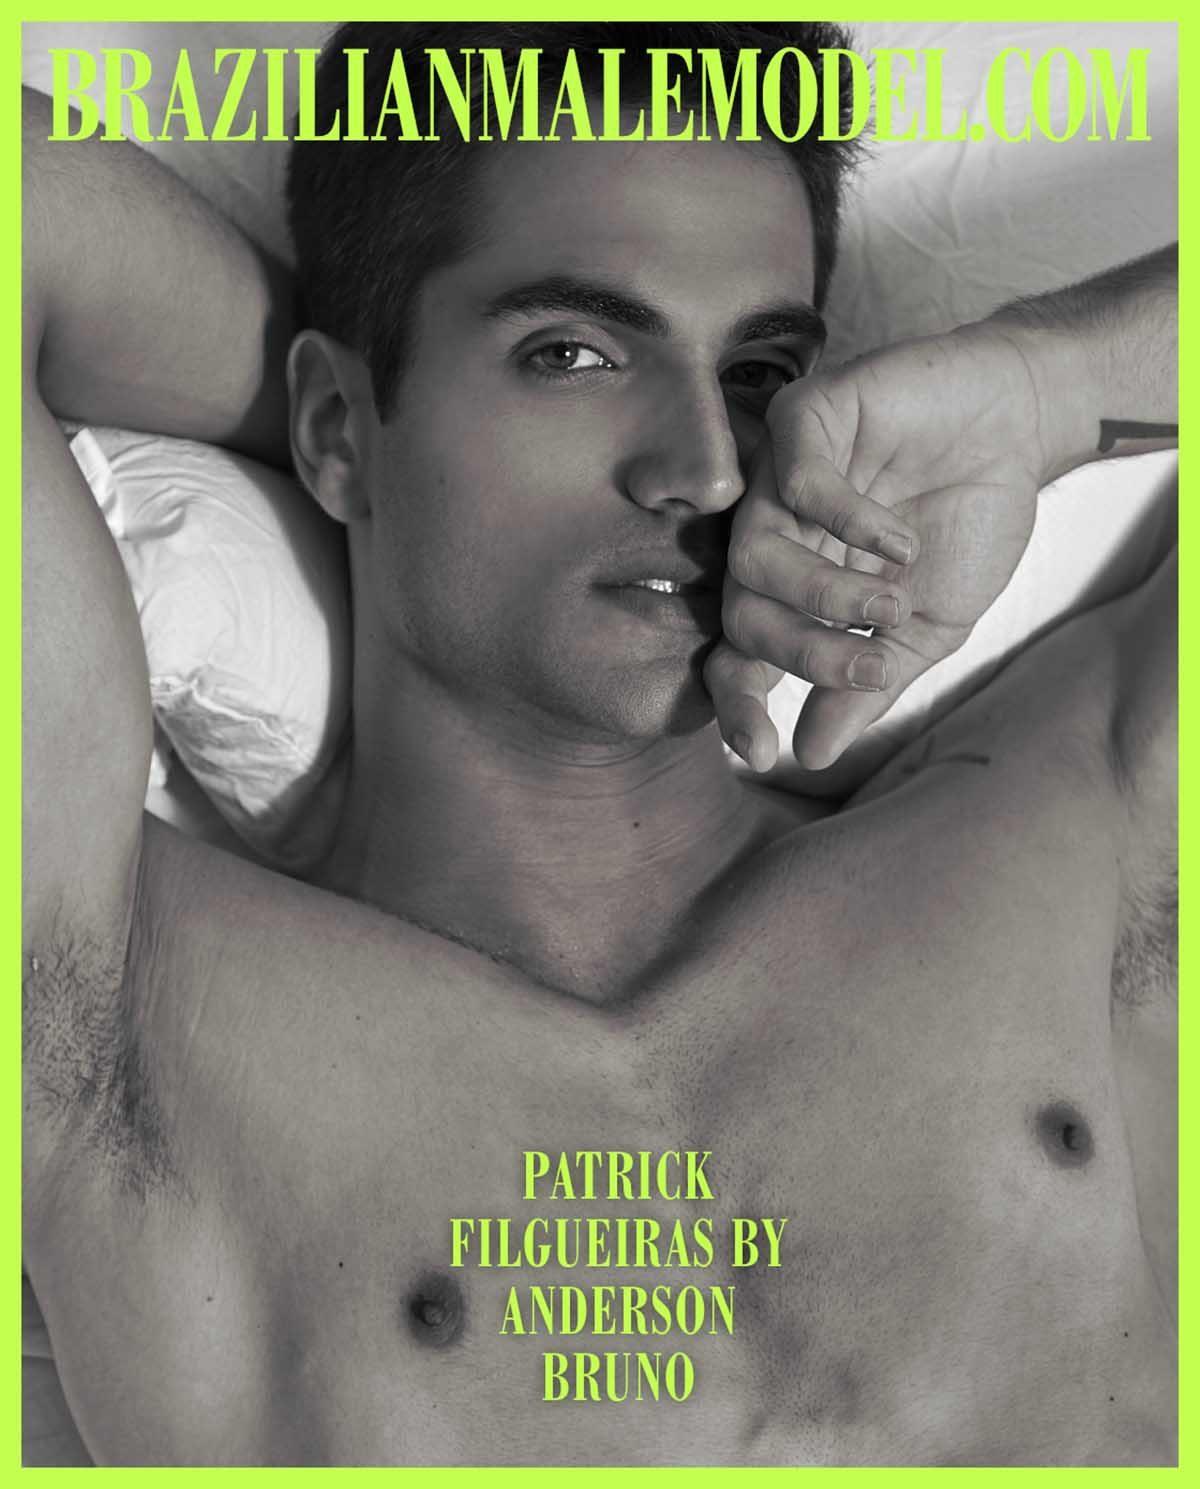 Patrick Filgueiras by Anderson Bruno